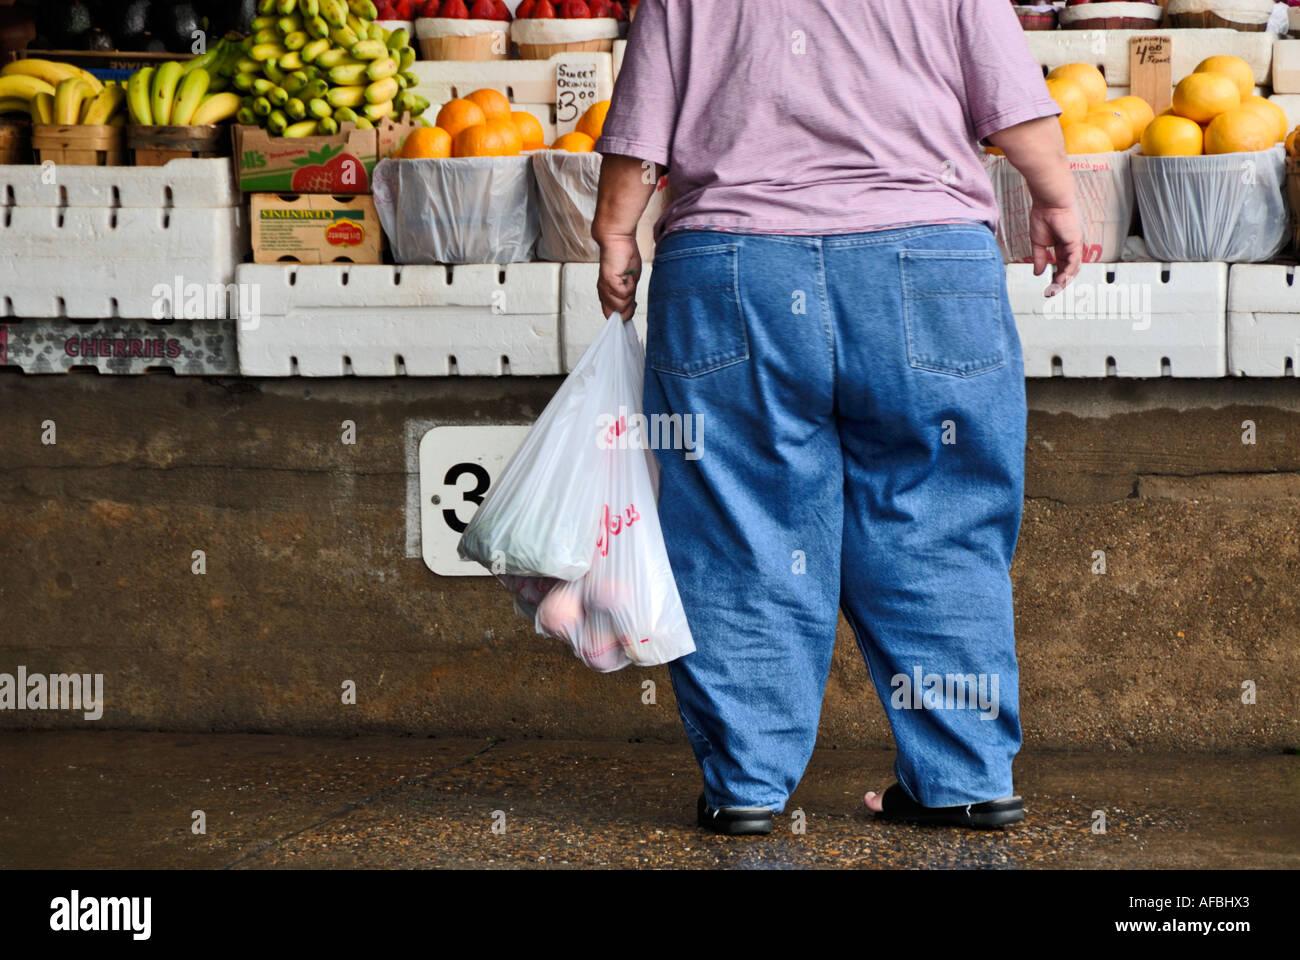 Femme au stand de fruits lourds Photo Stock